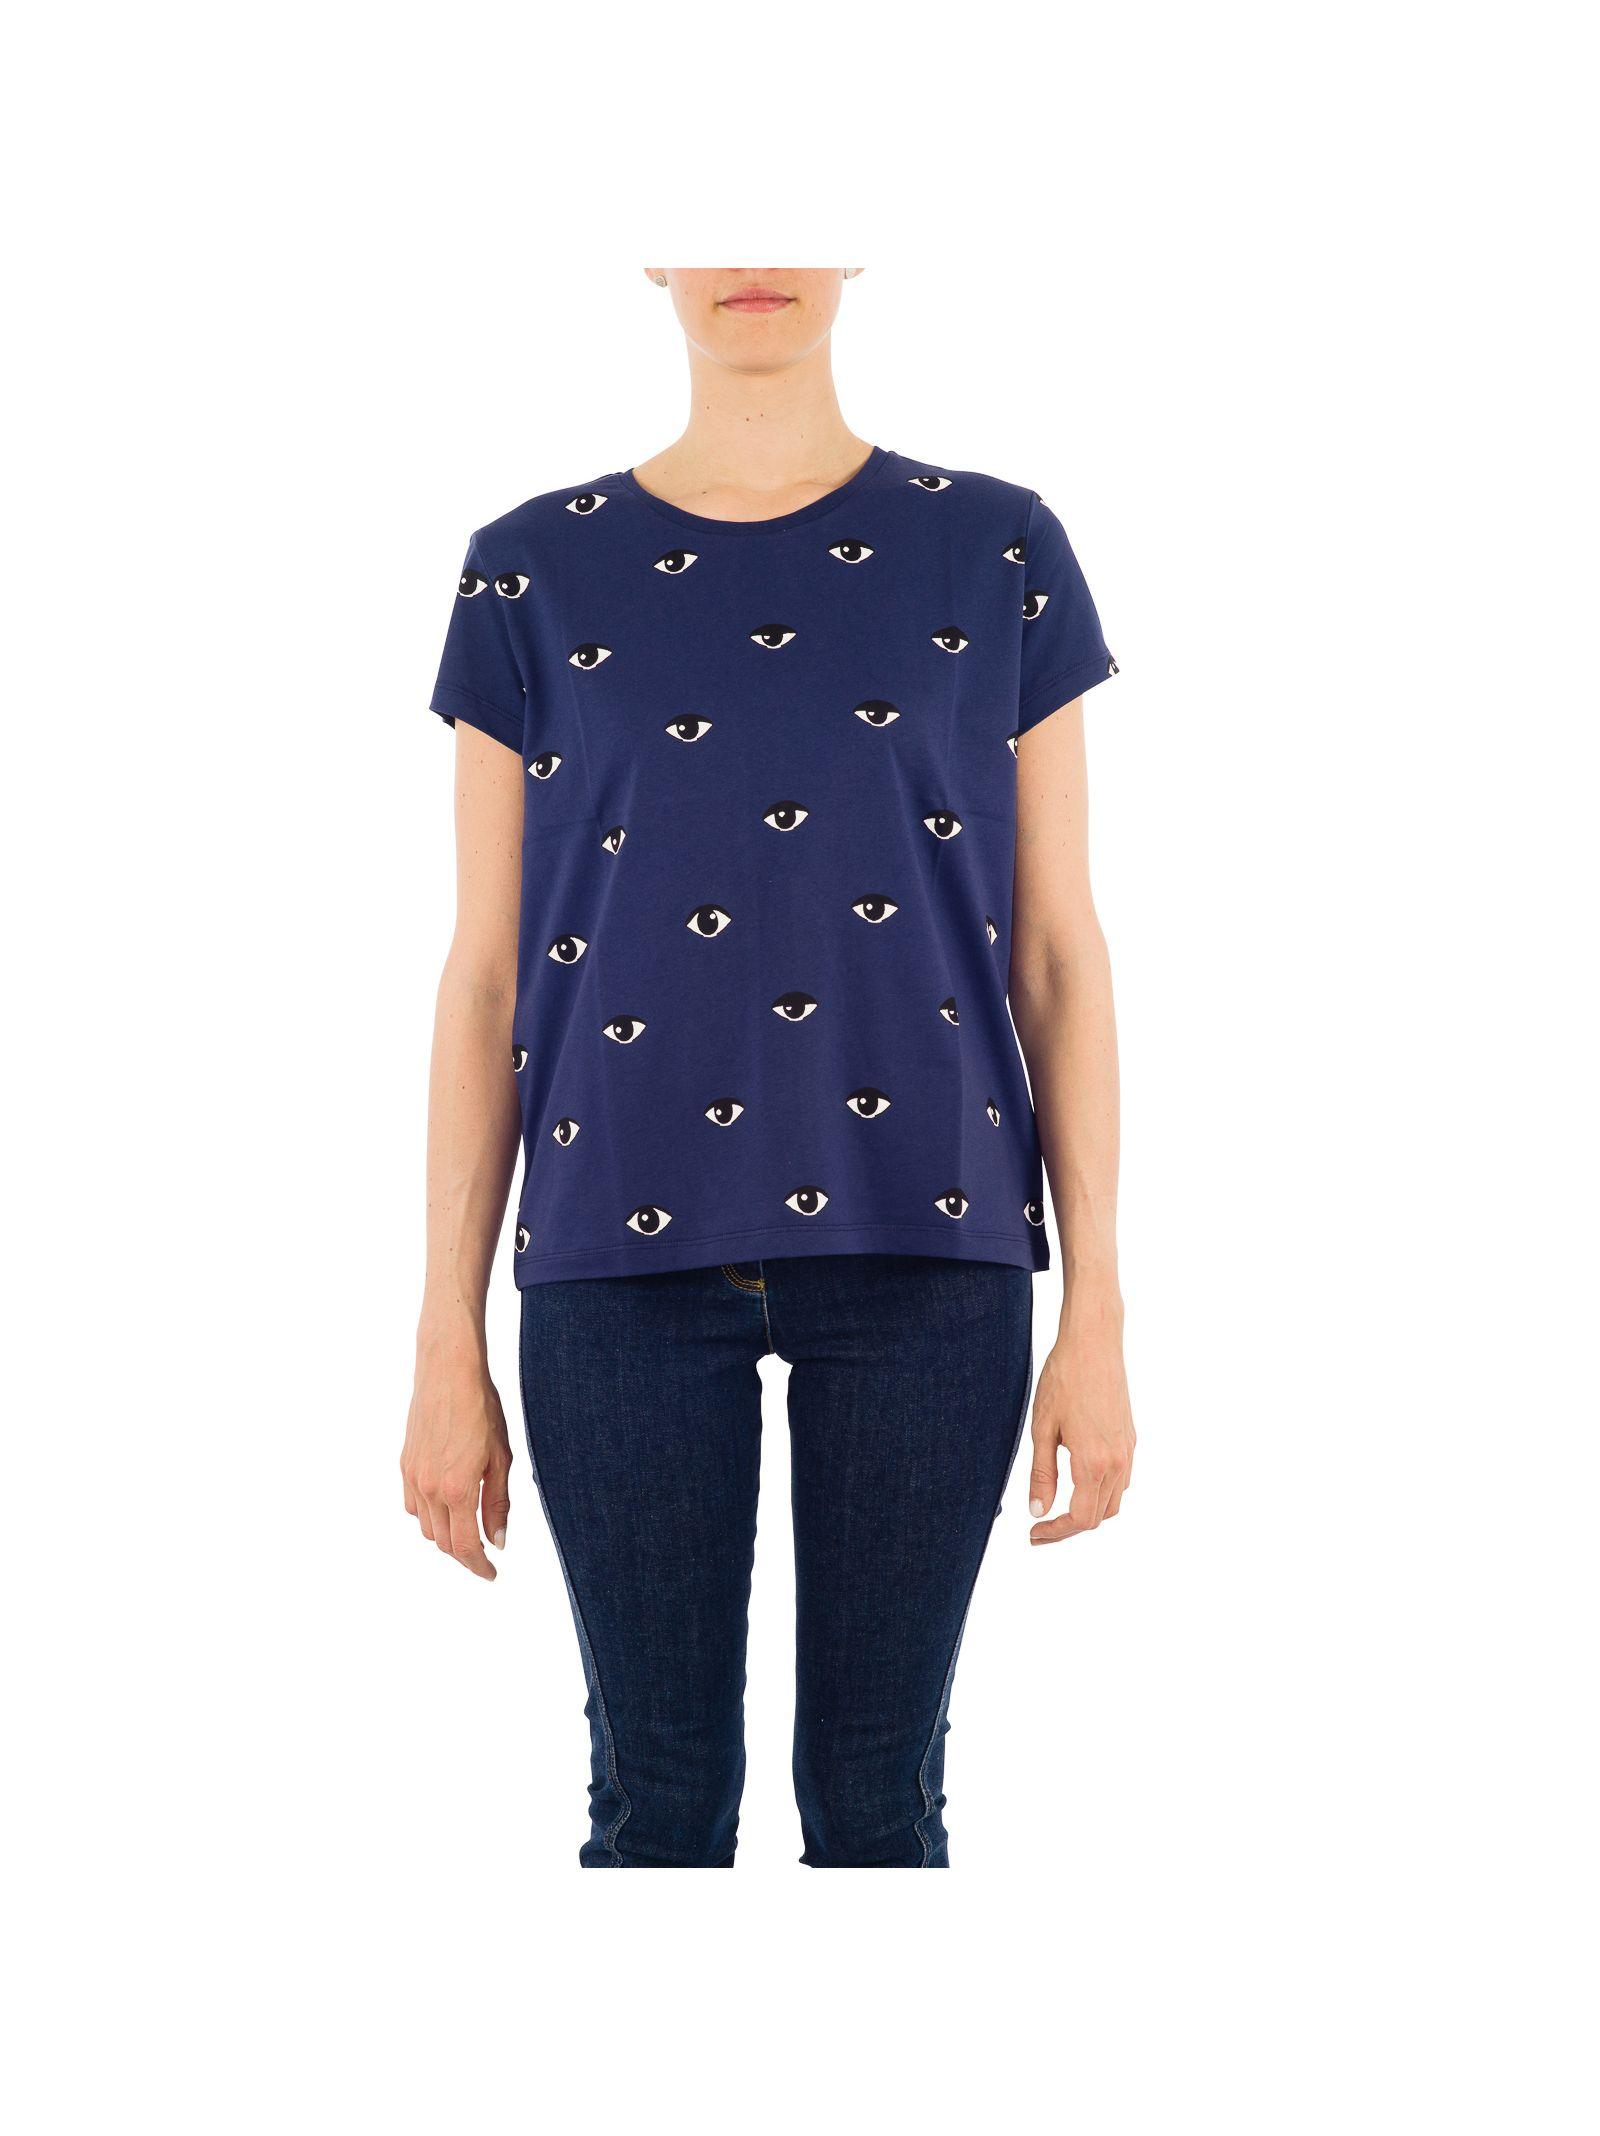 Tricou de damă KENZO, din bumbac, cu mânecă scurtă